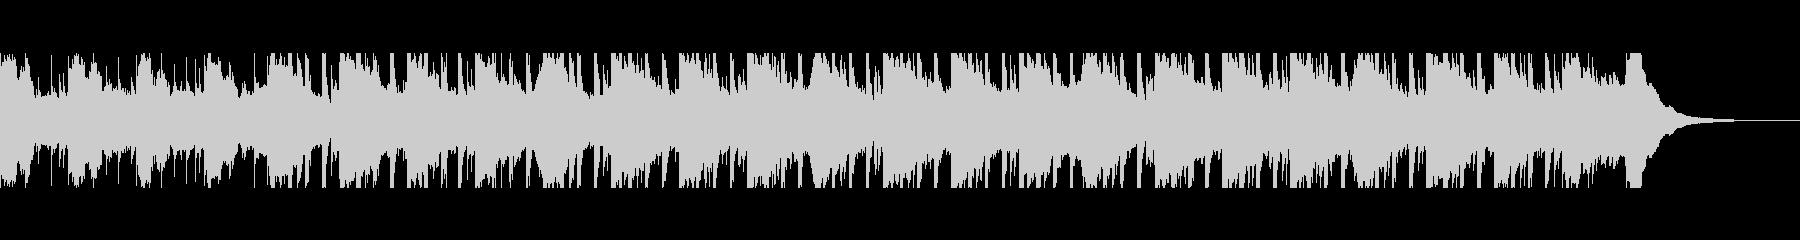 医学的背景(60秒)の未再生の波形